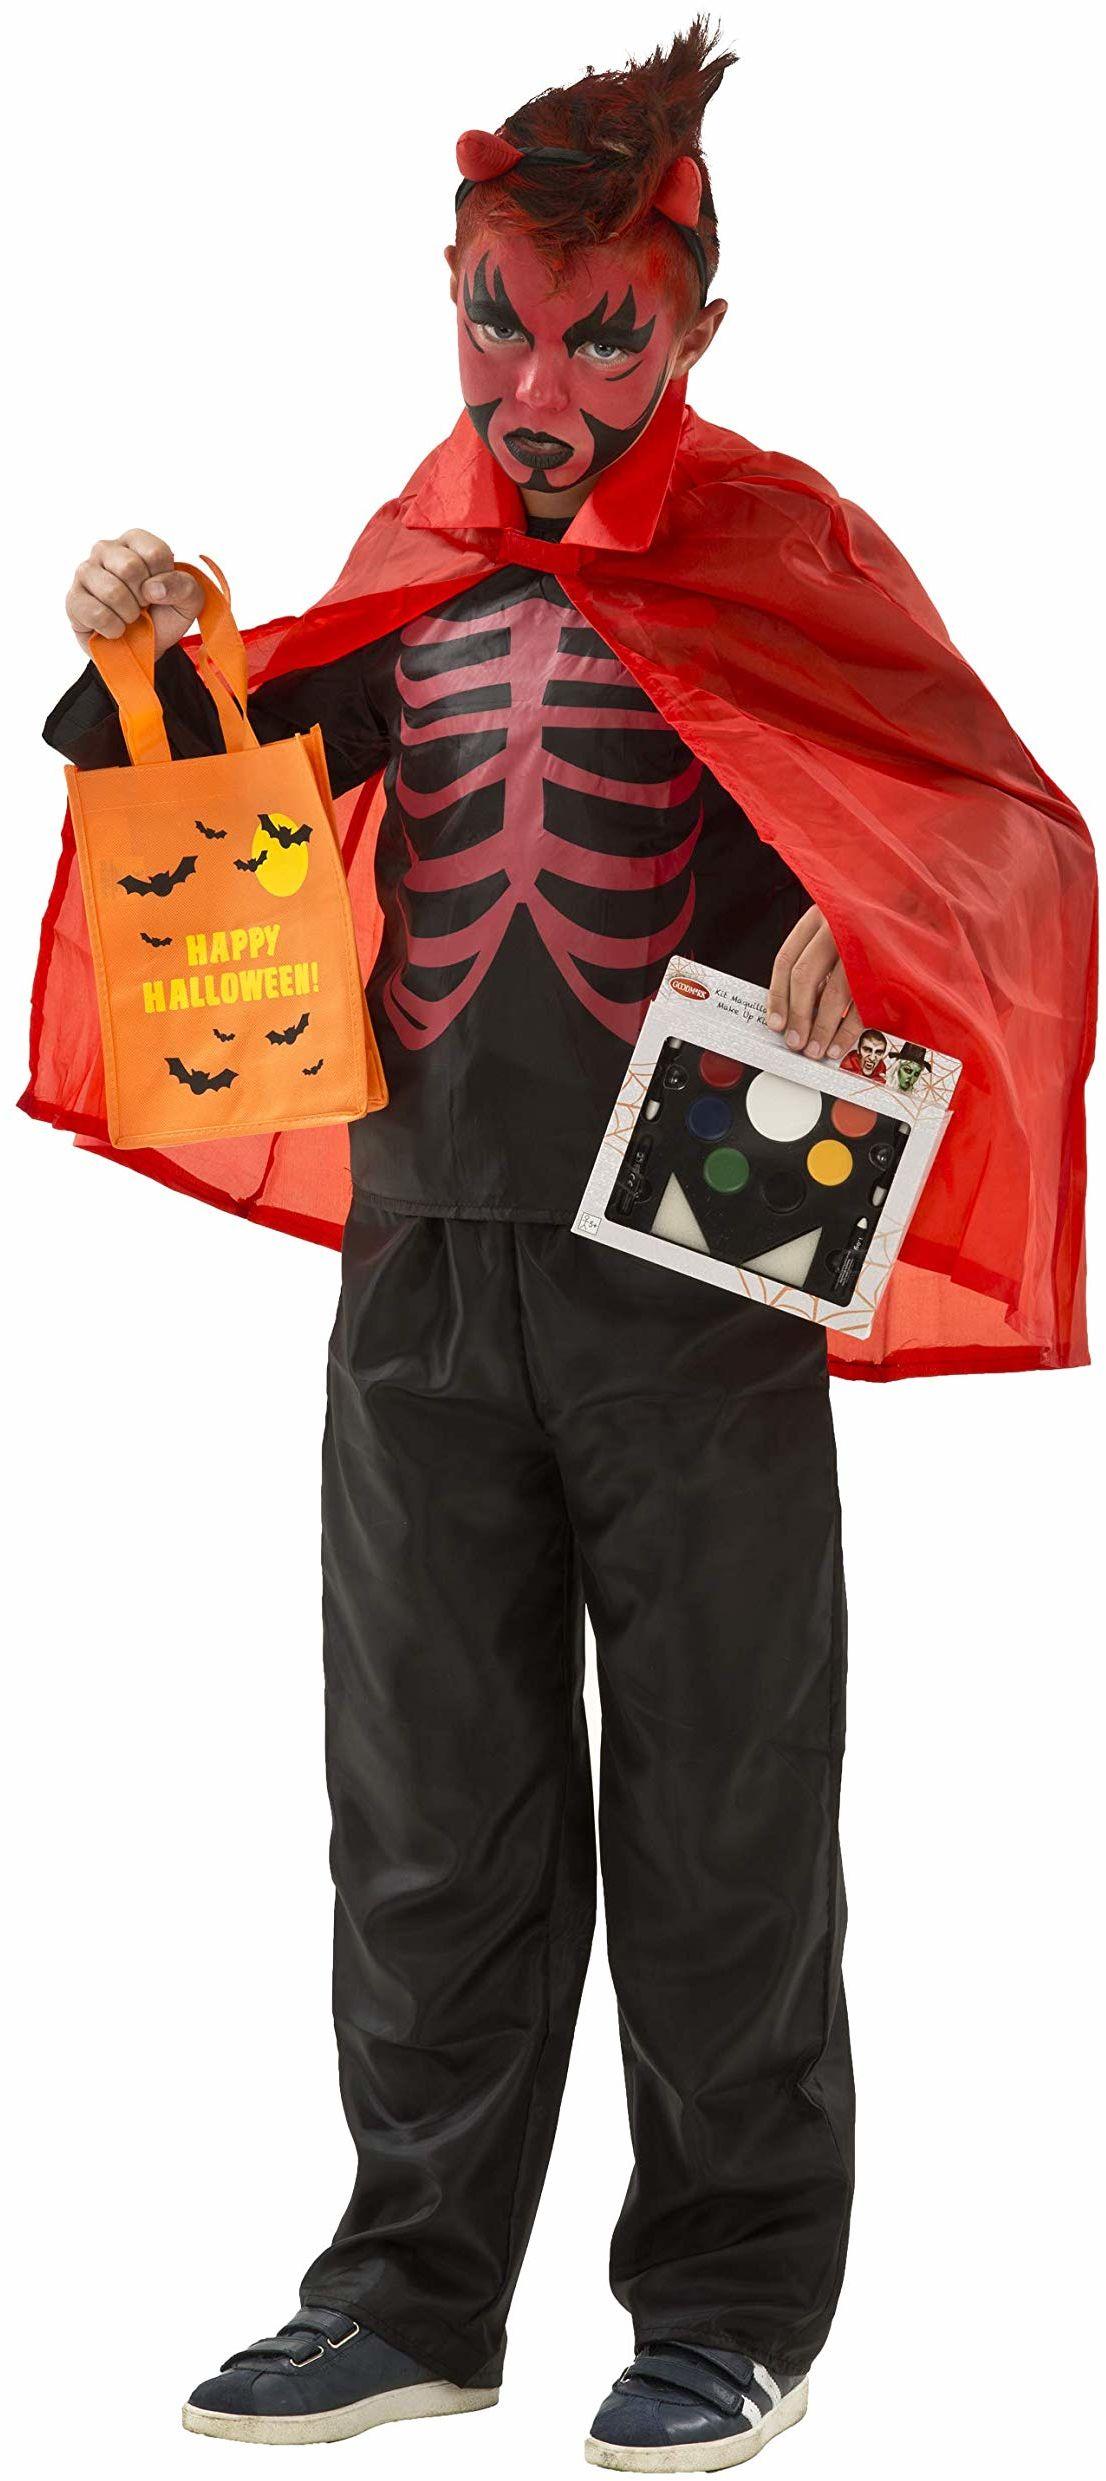 Boti diabelski zestaw kostiumowy (rozmiar 128)  chłopcy  Twój strój na Halloween